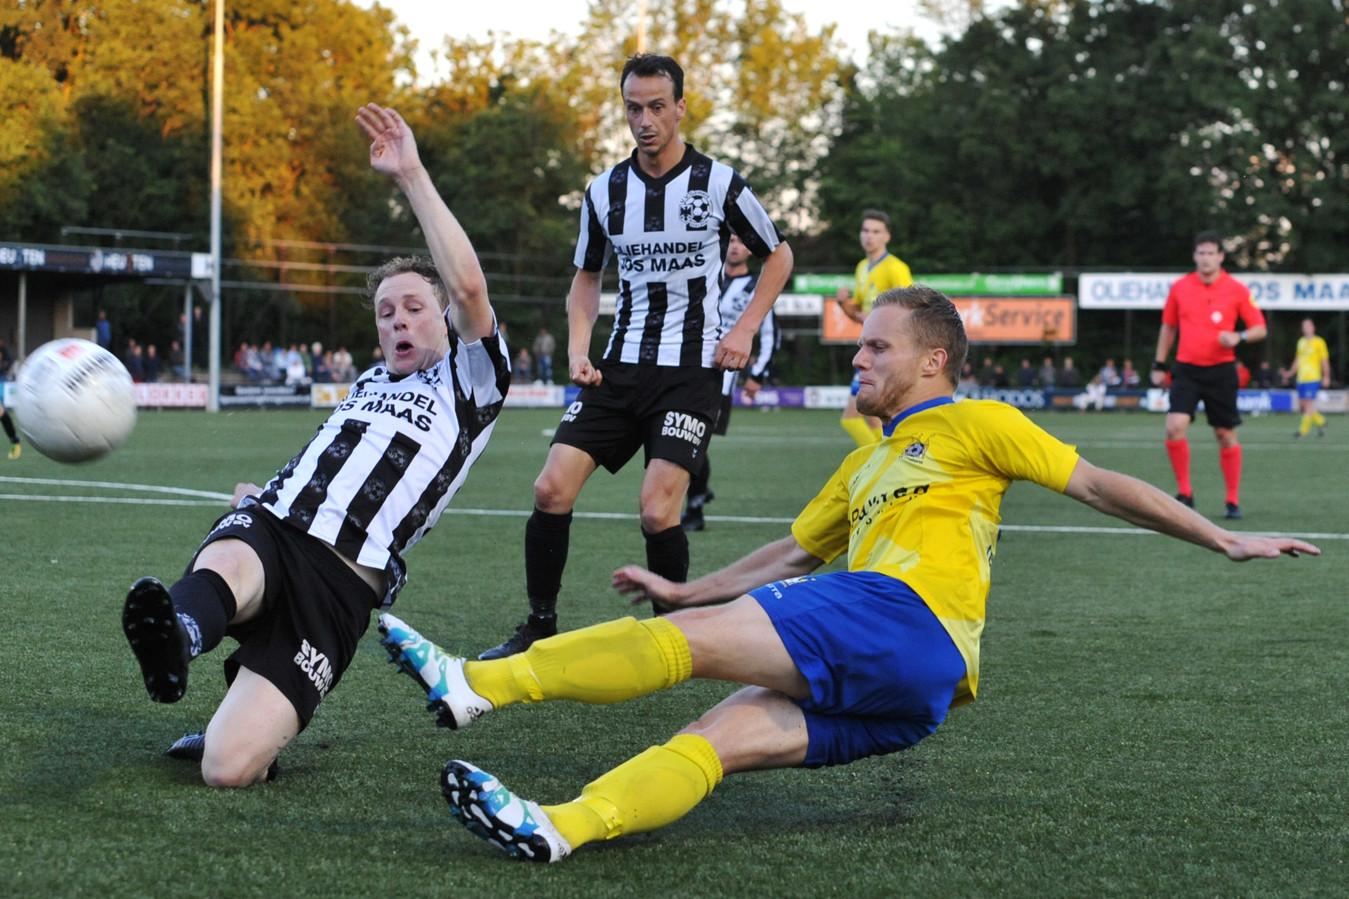 Gemert-verdediger Kees Brugmans probeert een voorzet van Ferdi ter Avest van Staphorst tegen te houden. Jens Leijten kijkt toe.